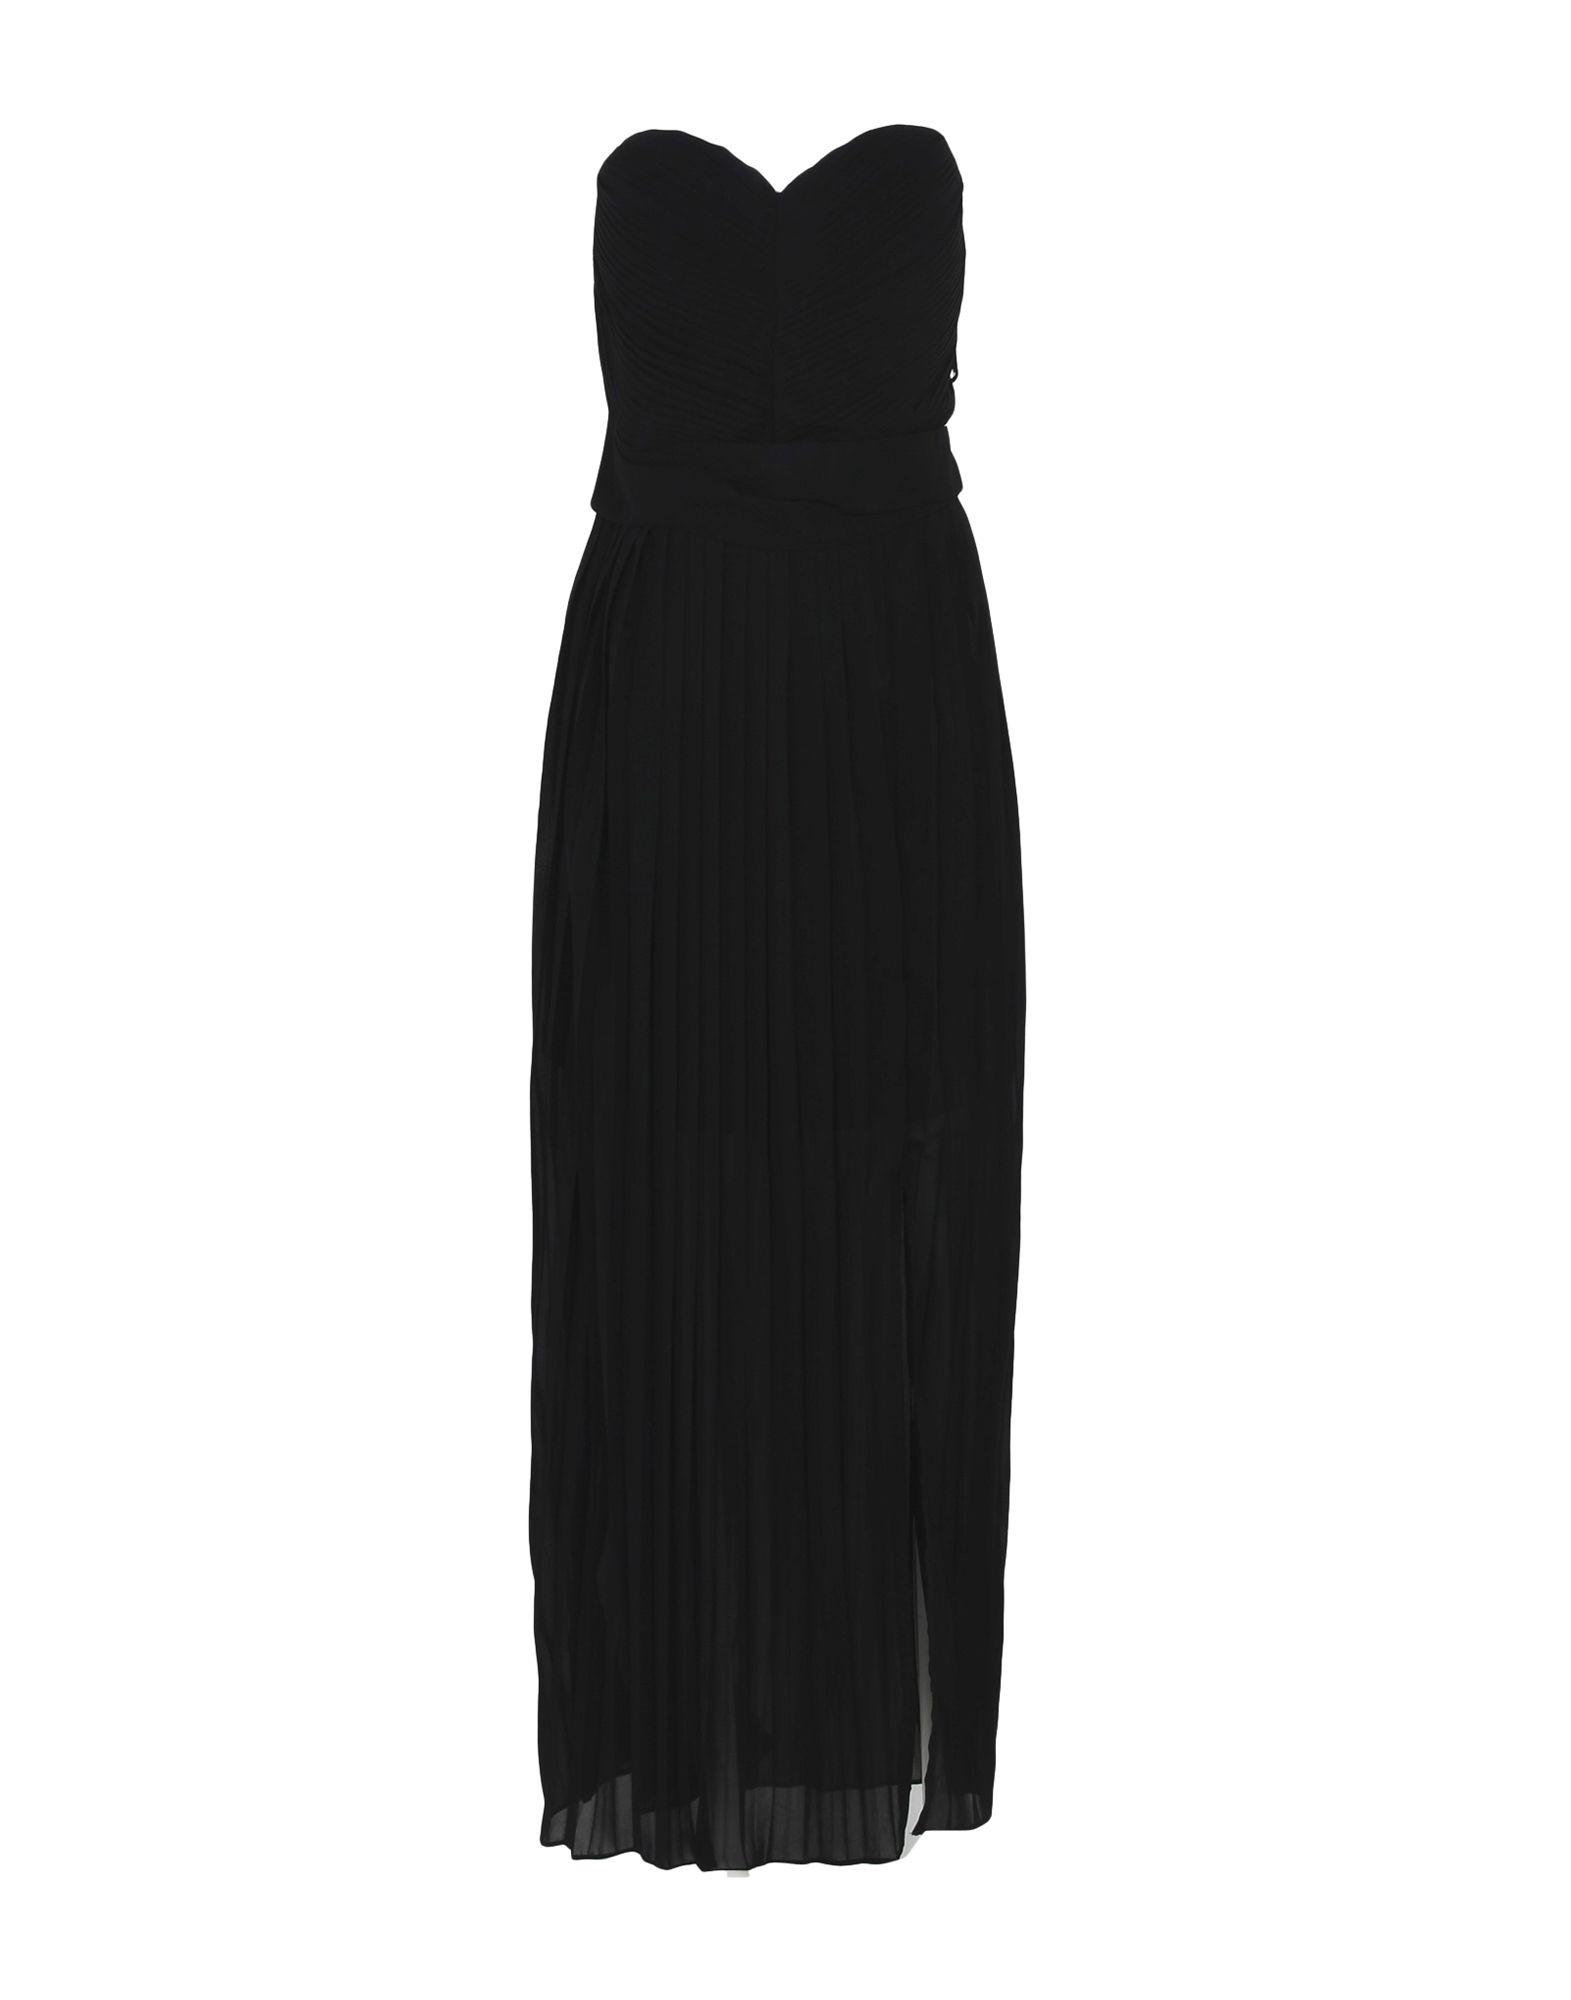 ANGEL EYE Длинное платье платье короткое спереди длинное сзади летнее